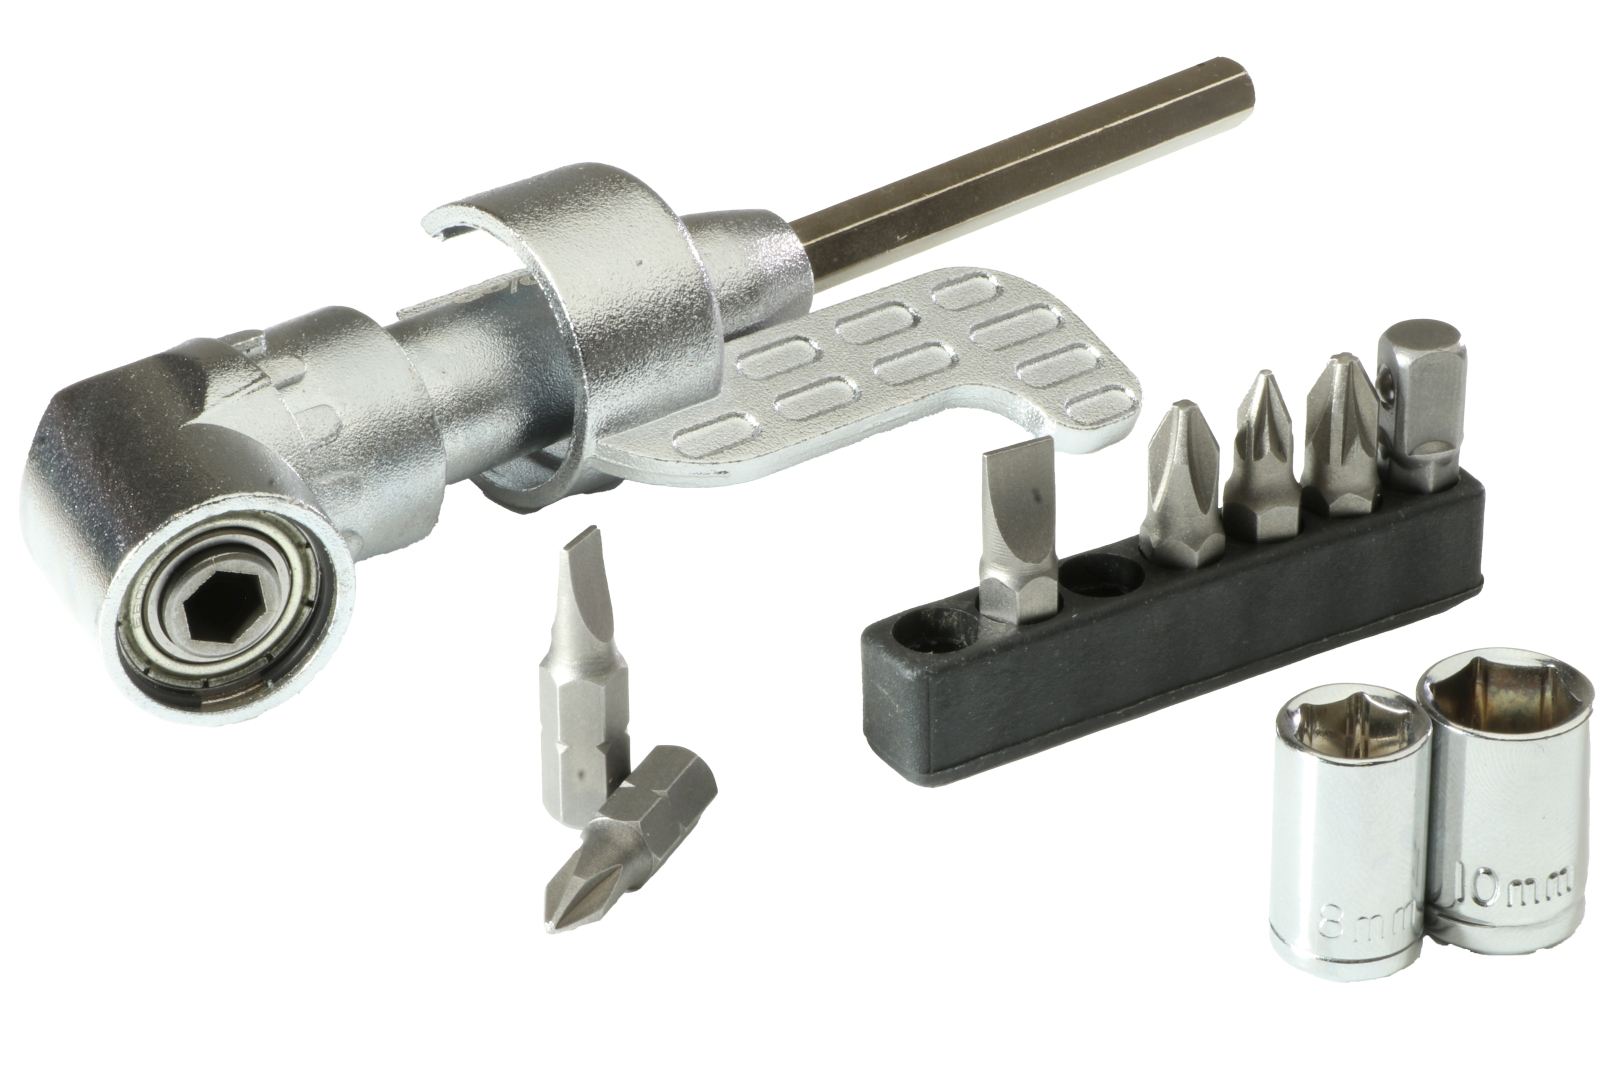 GO/ON Winkelschraubenvorsatz inkl. Bits, Dauer-Magnet, Stecknuss-Adapter und Stecknüsse, 10-teilig